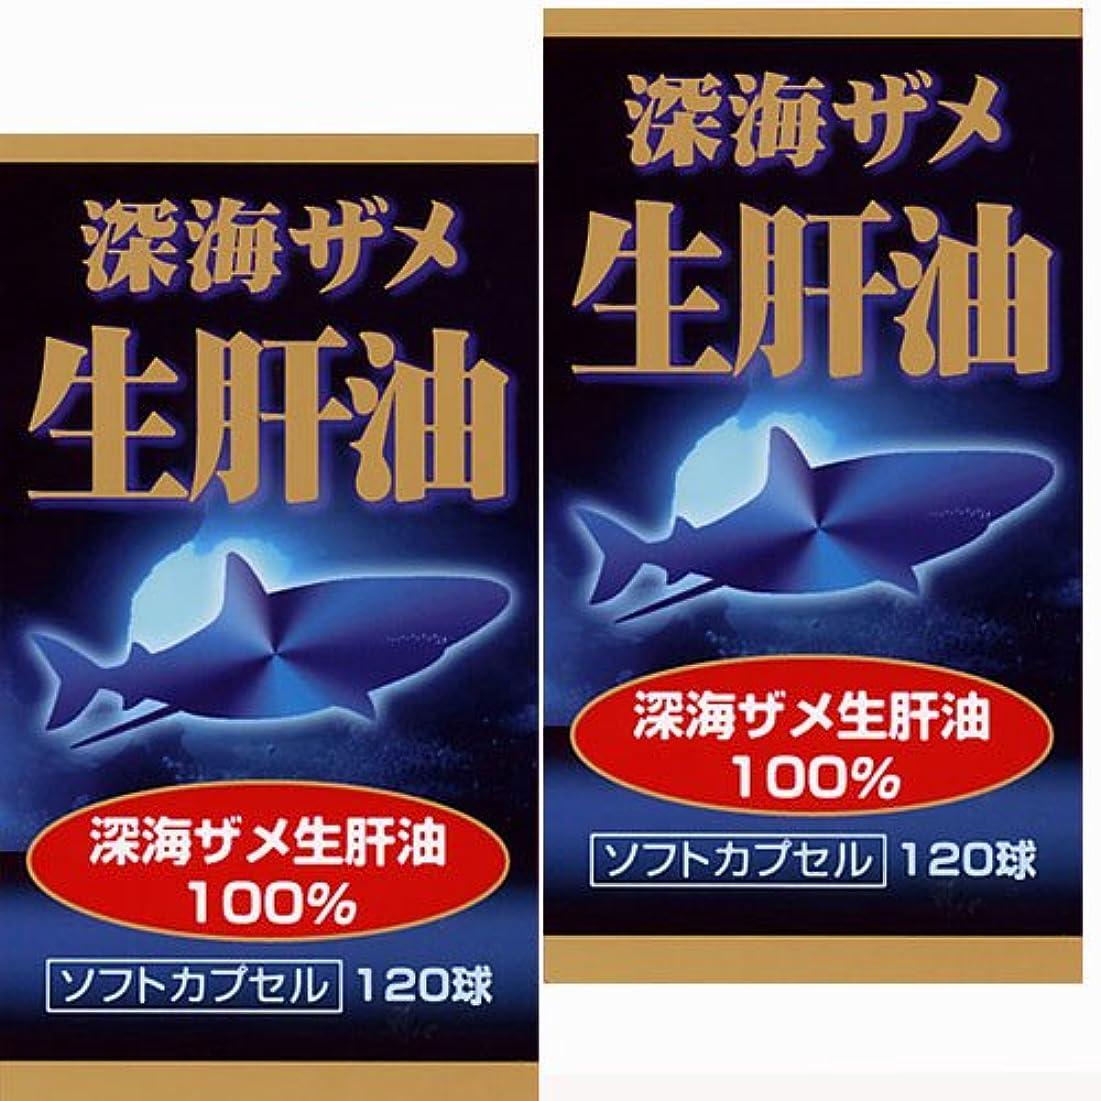 滅多カッター内なる【2個】ユウキ製薬 深海ザメ生肝油 30日分 120球x2個 (4524326201065-2)